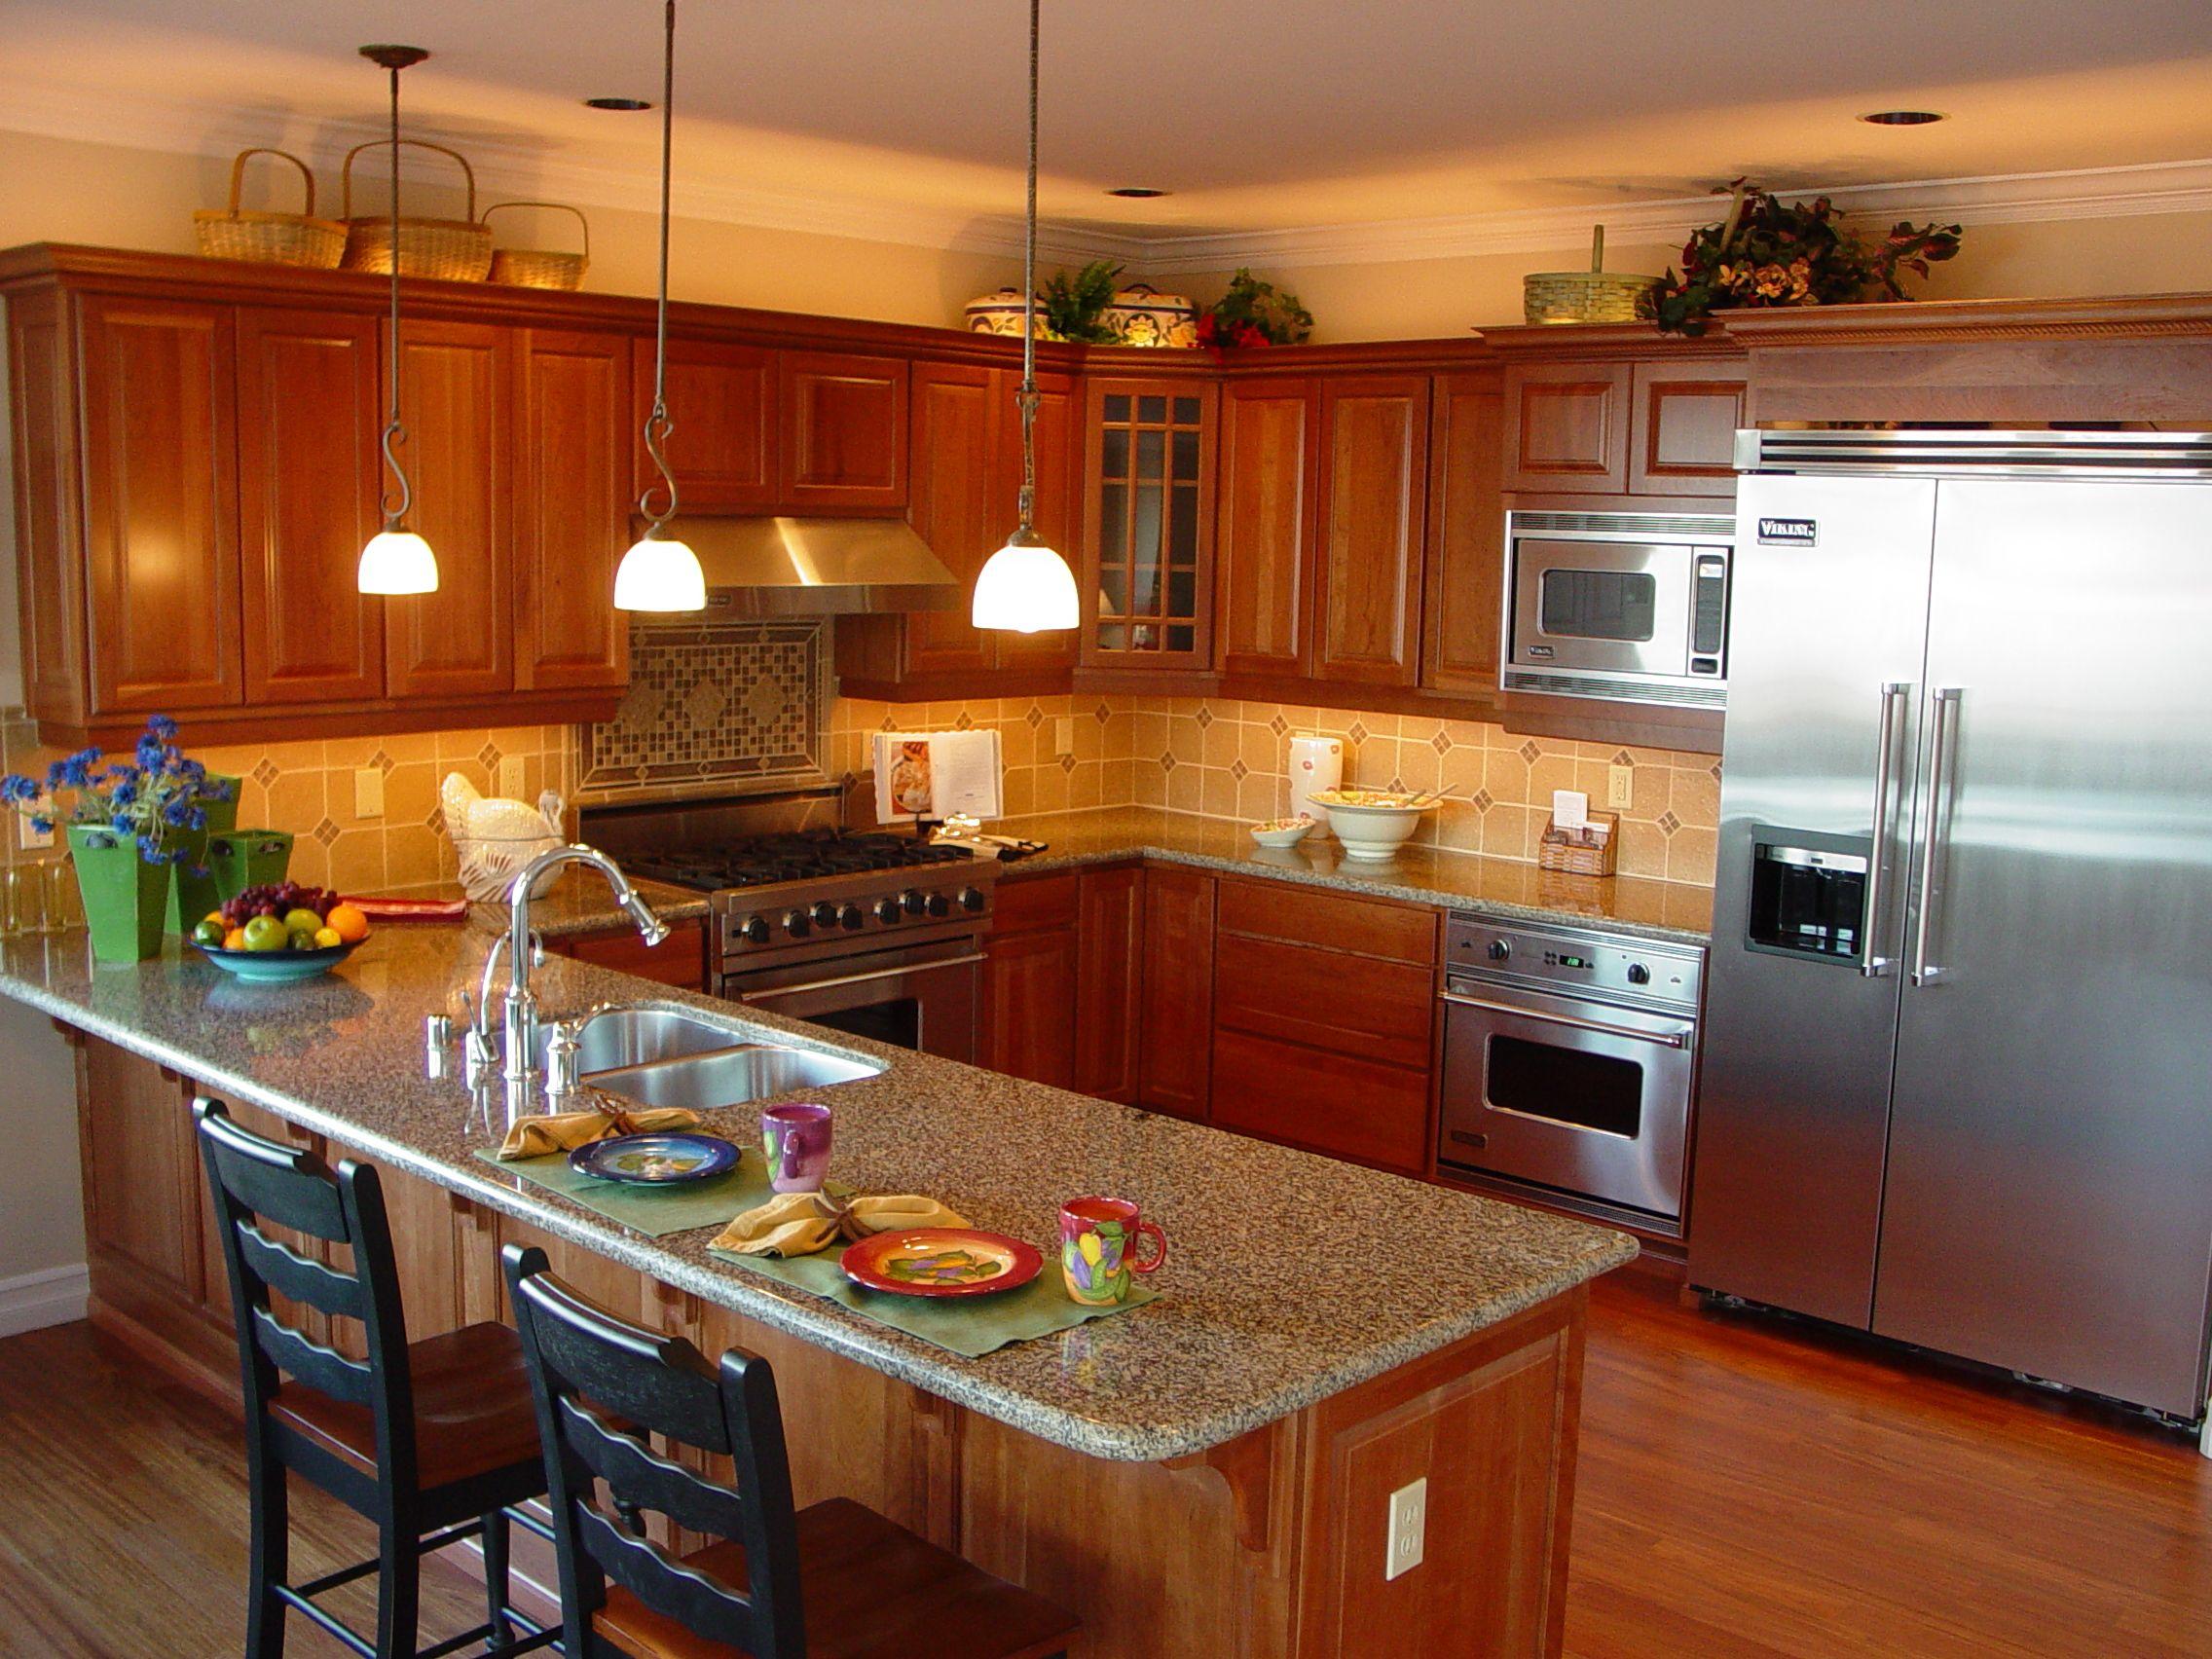 u shaped kitchen kitchen ideas pinterest on kitchen ideas u shaped layout id=92040